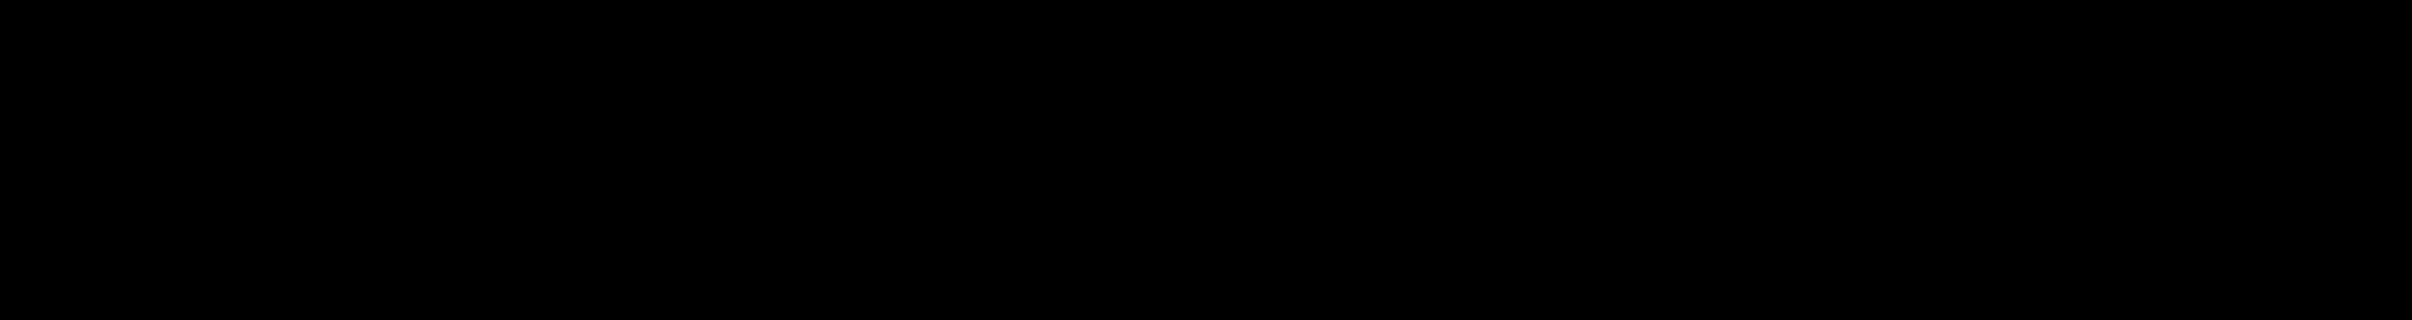 krachkultur-logo.png